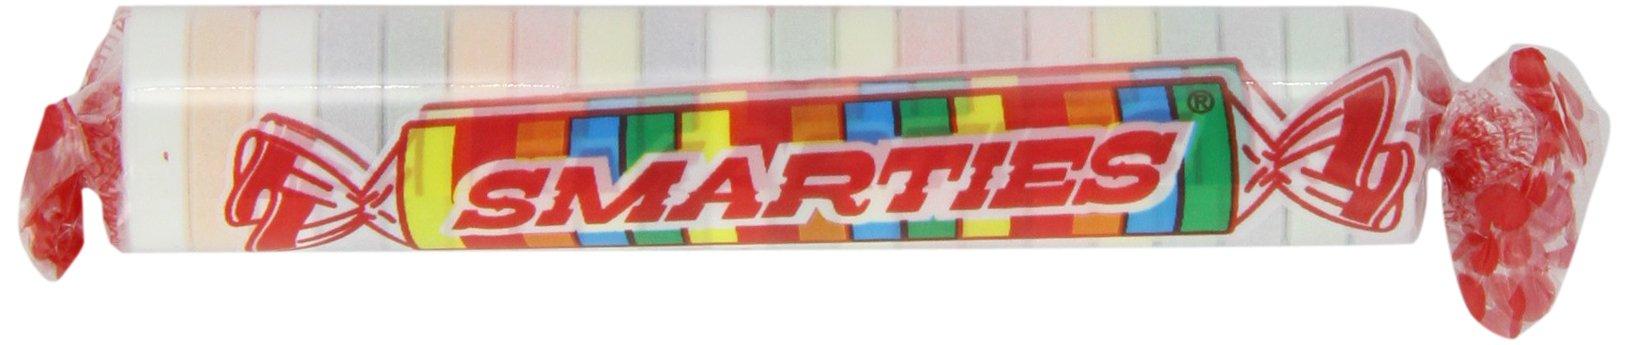 Smarties Candy Rolls, Giant, 36 Count | eBay Smarties Jumbo